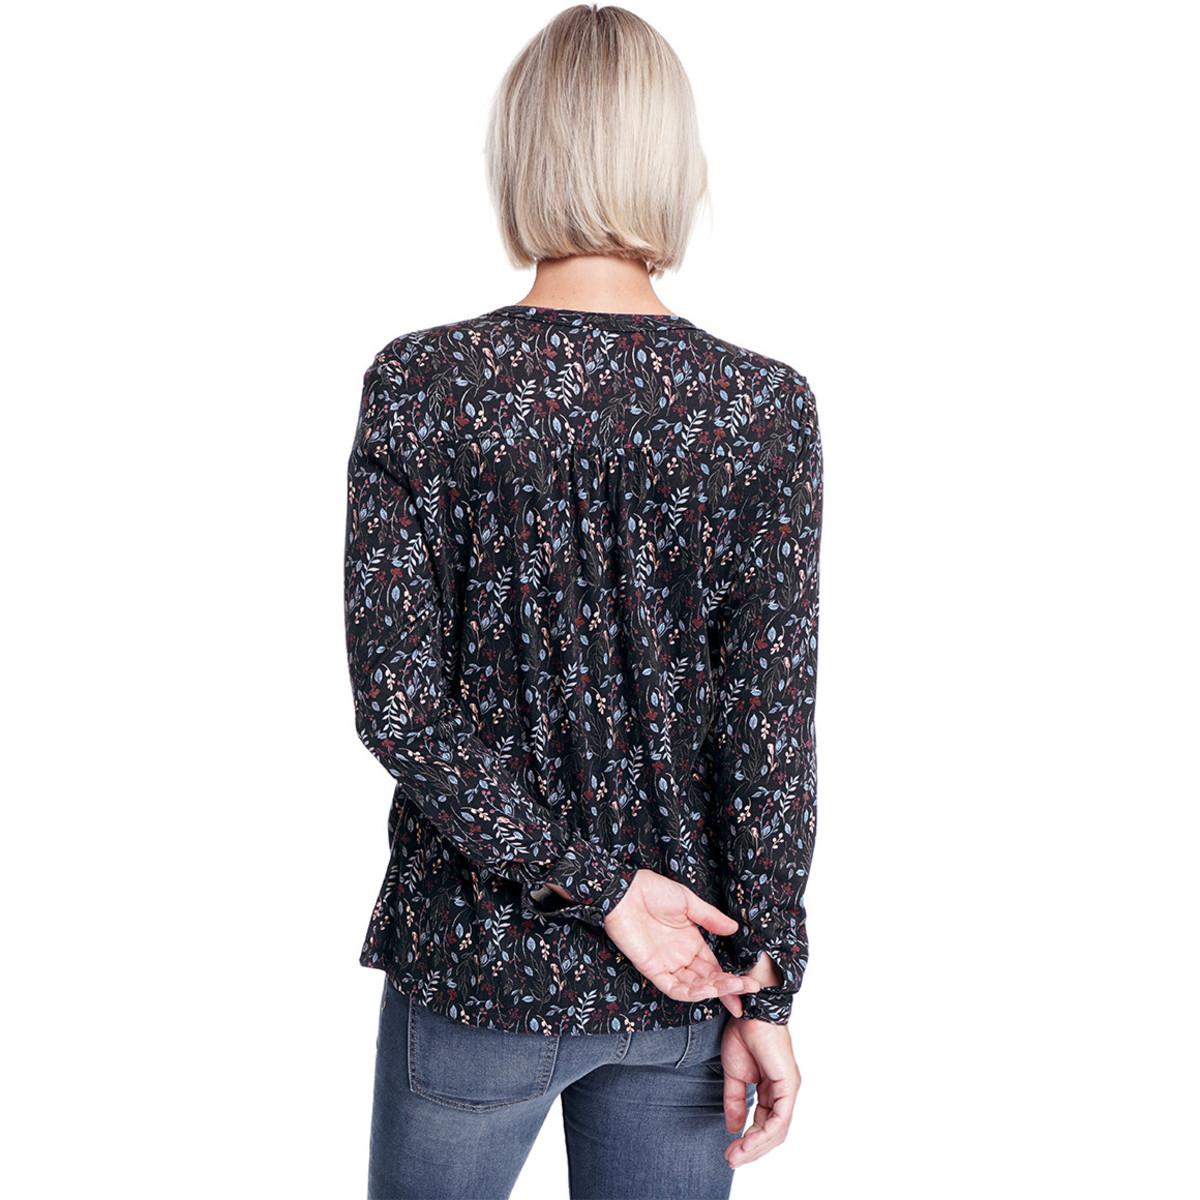 Bild 4 von Damen Umstands-Blusenshirt mit Allover-Print